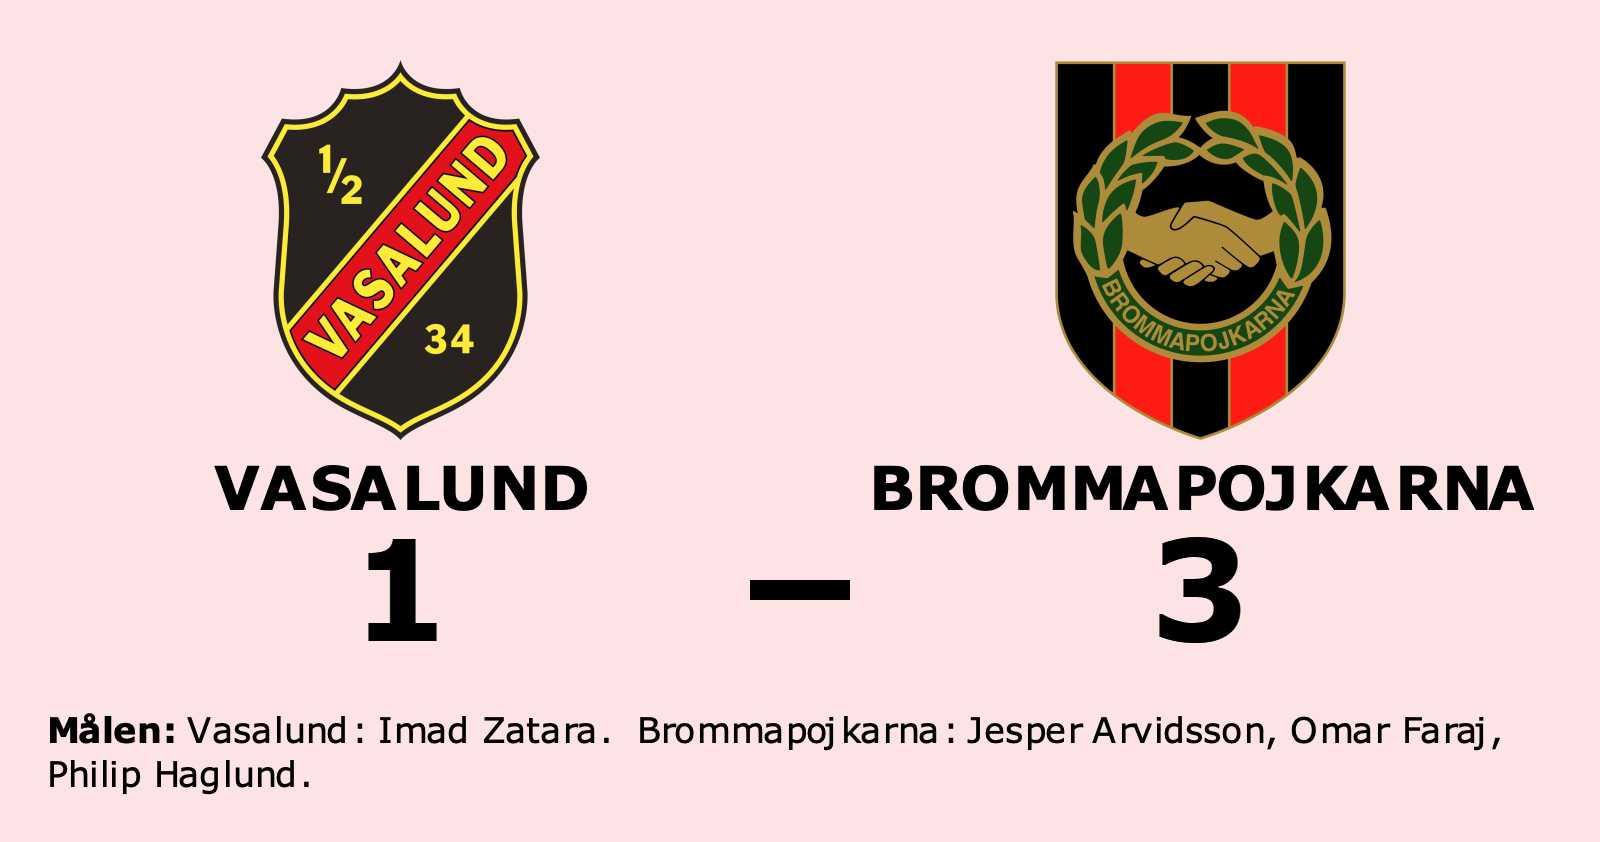 Brommapojkarna kvalklart efter seger mot Vasalund